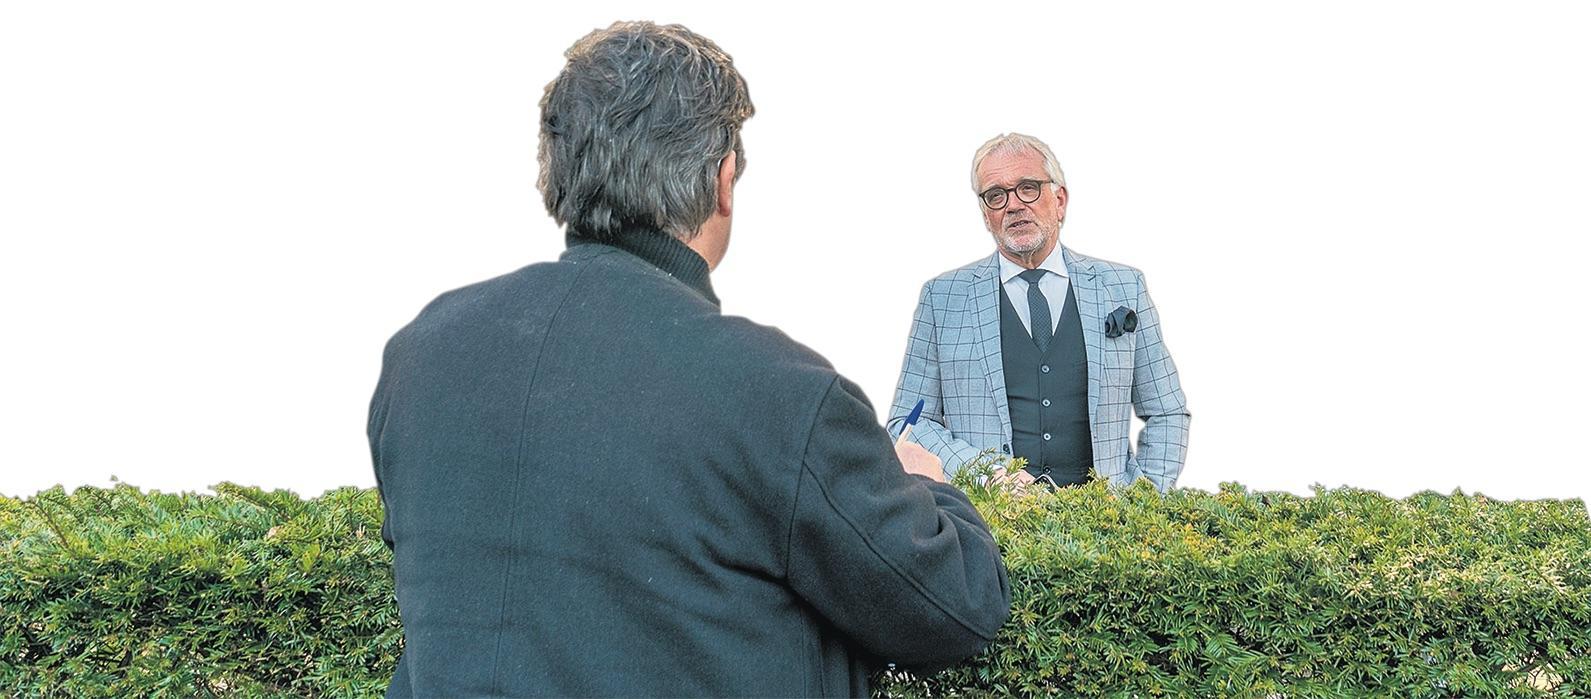 Burgemeester Alkmaar: 'Het lijkt wel alsof iedereen denkt dat alles oké is als ze die anderhalve meter maar aanhouden, maar zo is het niet. Dat virus is nog niet onder controle'